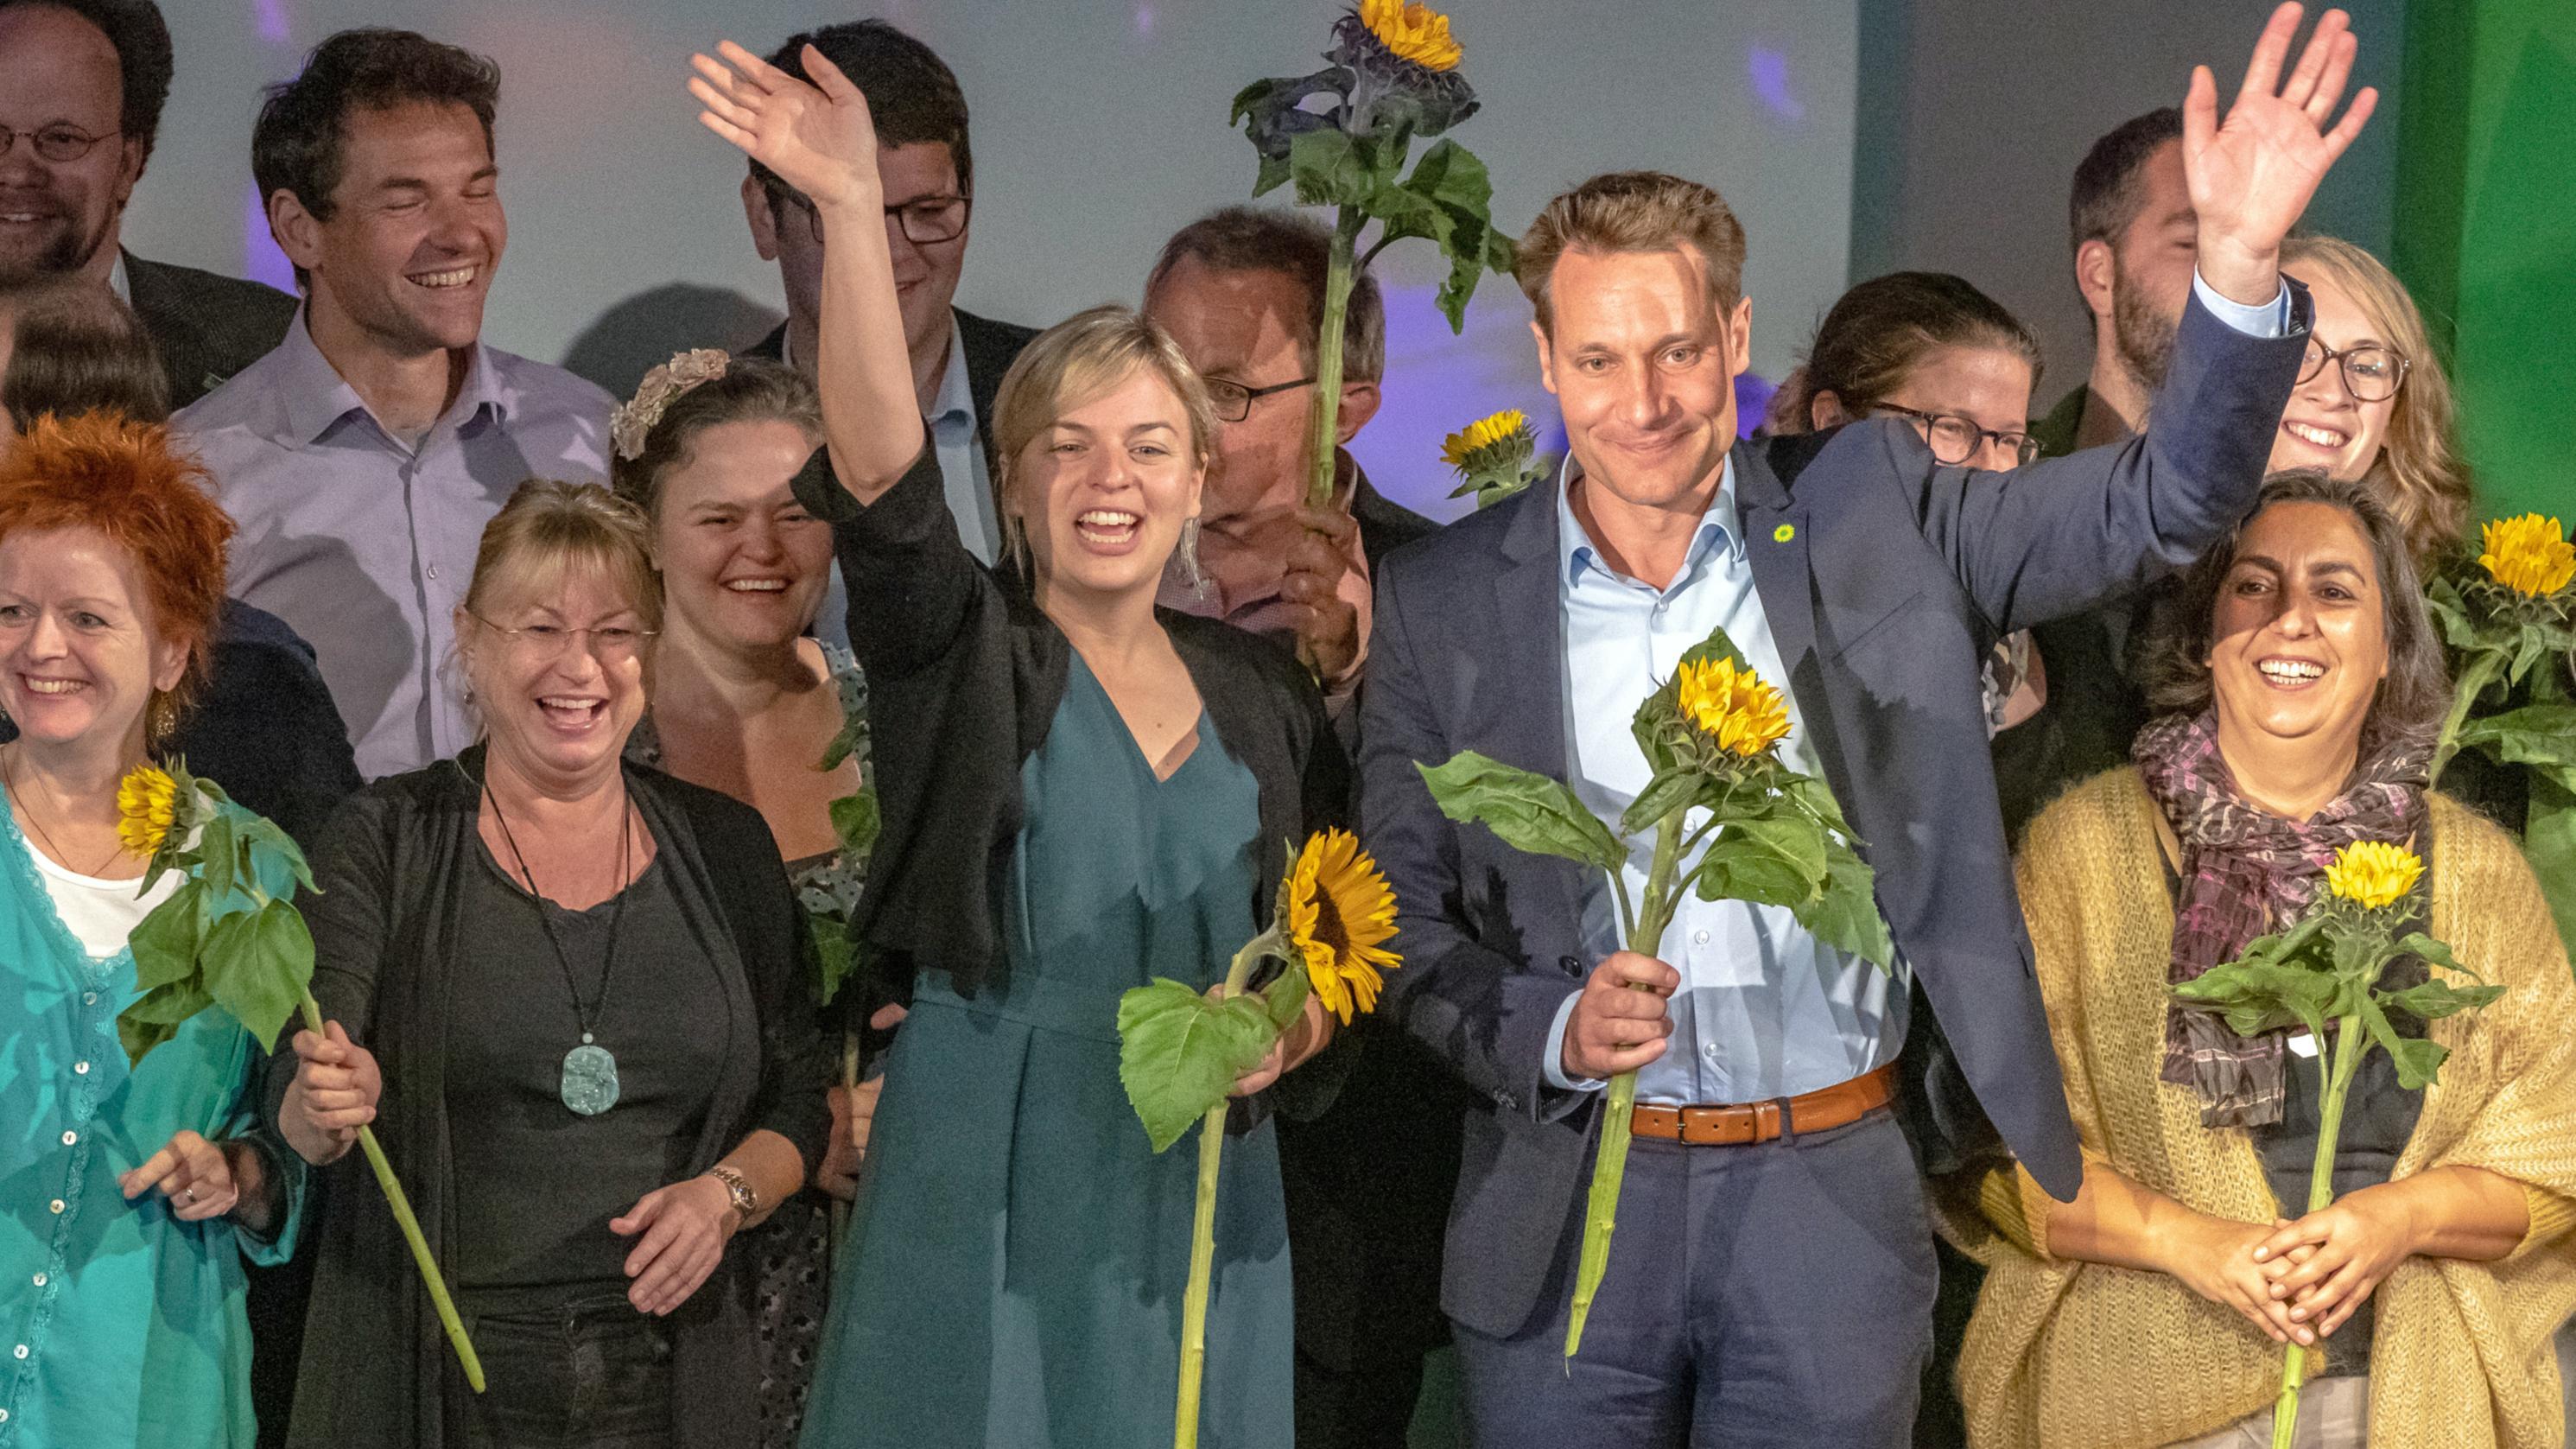 Katharina Schulze, Ludwig Hartmann und andere Mitglieder der Grünenfraktion beim Parteitag im Oktober